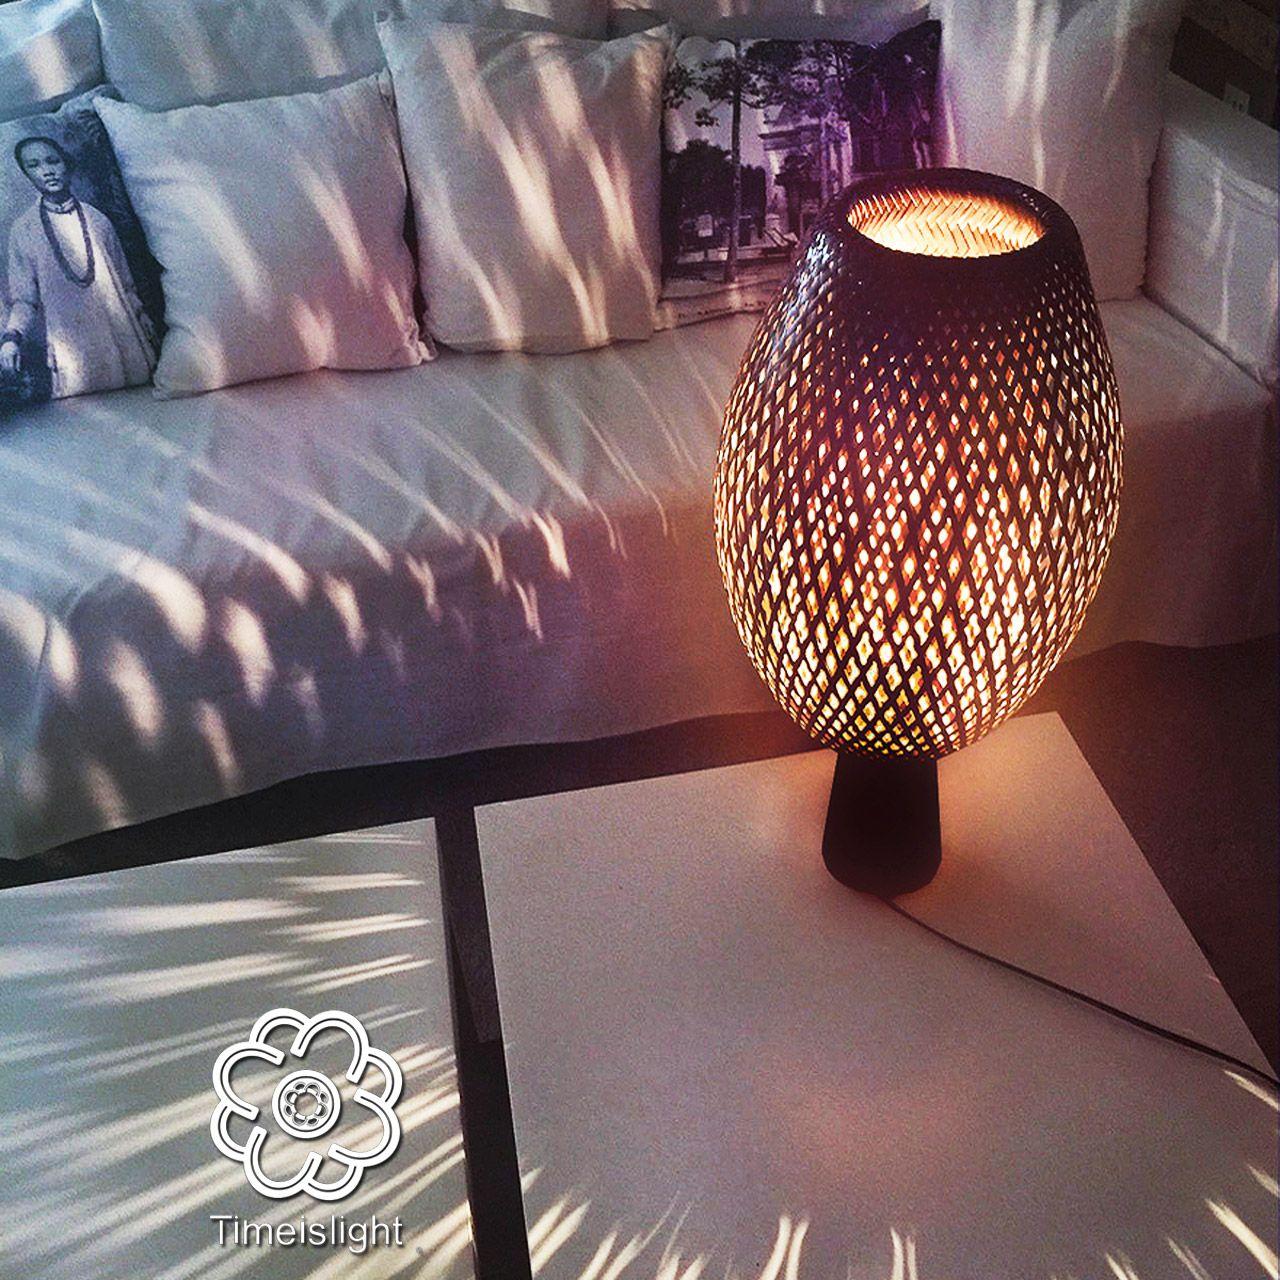 Cocoon Lampe 28cmlumieretamisee H61cm Sur Avec Variateur Socle f7Yb6yvg